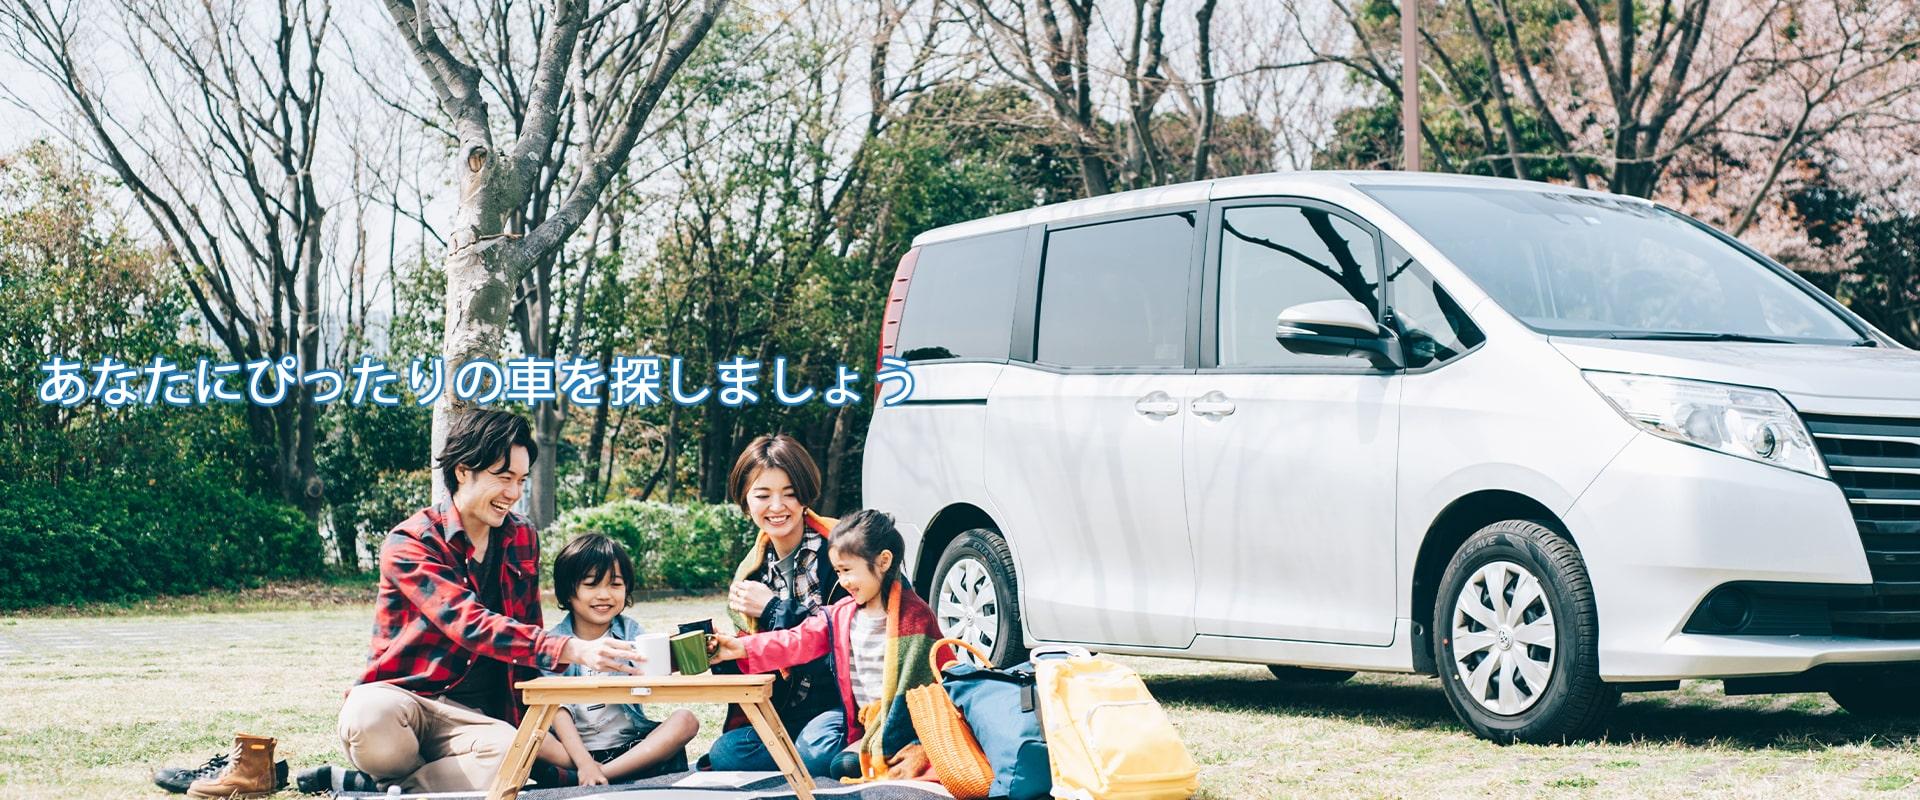 株式会社ライズ|北海道から沖縄まで全国納車可能/カーリース・販売